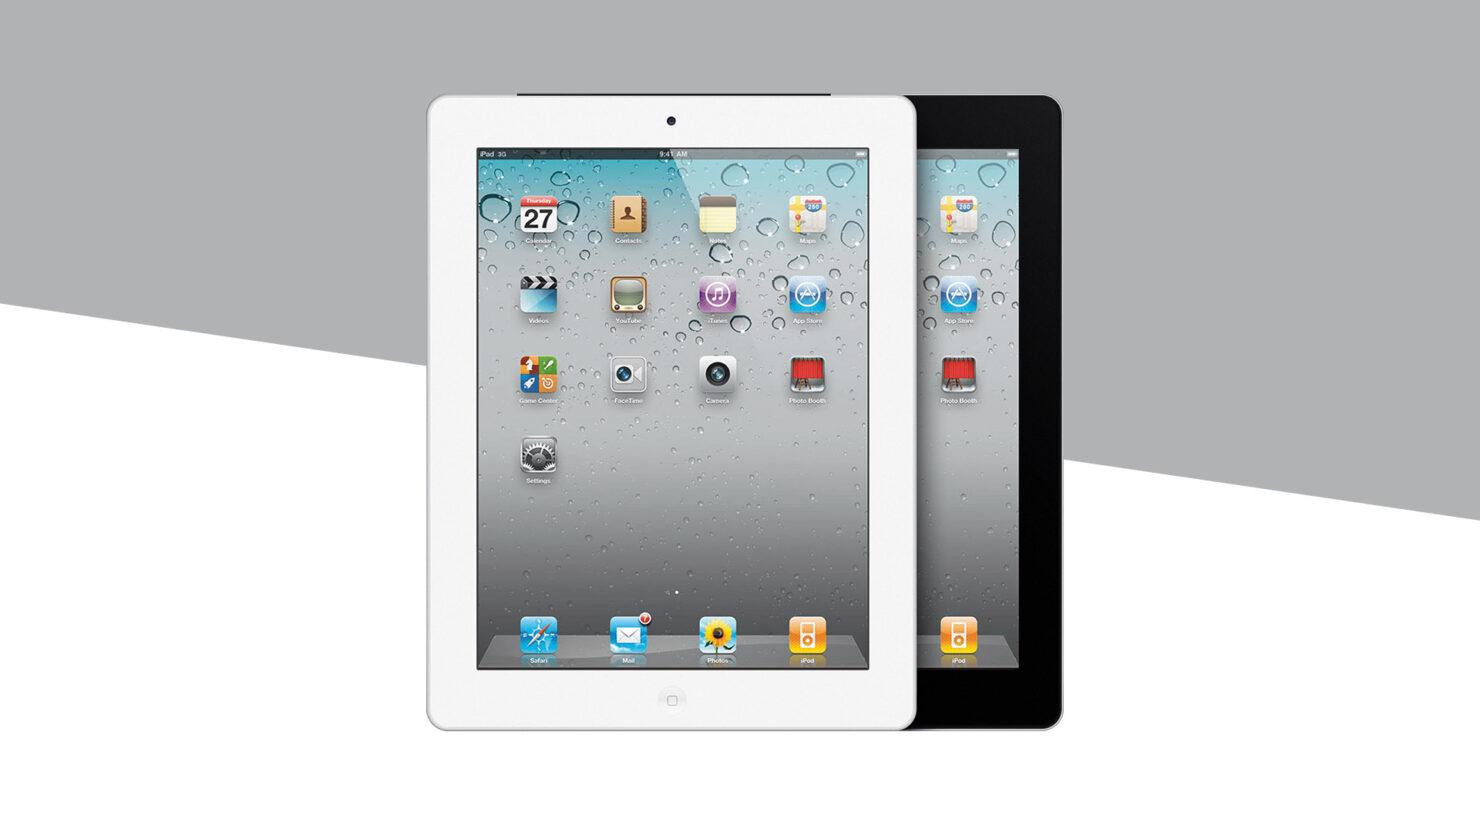 Apple iPad 2 vintage obsolete products